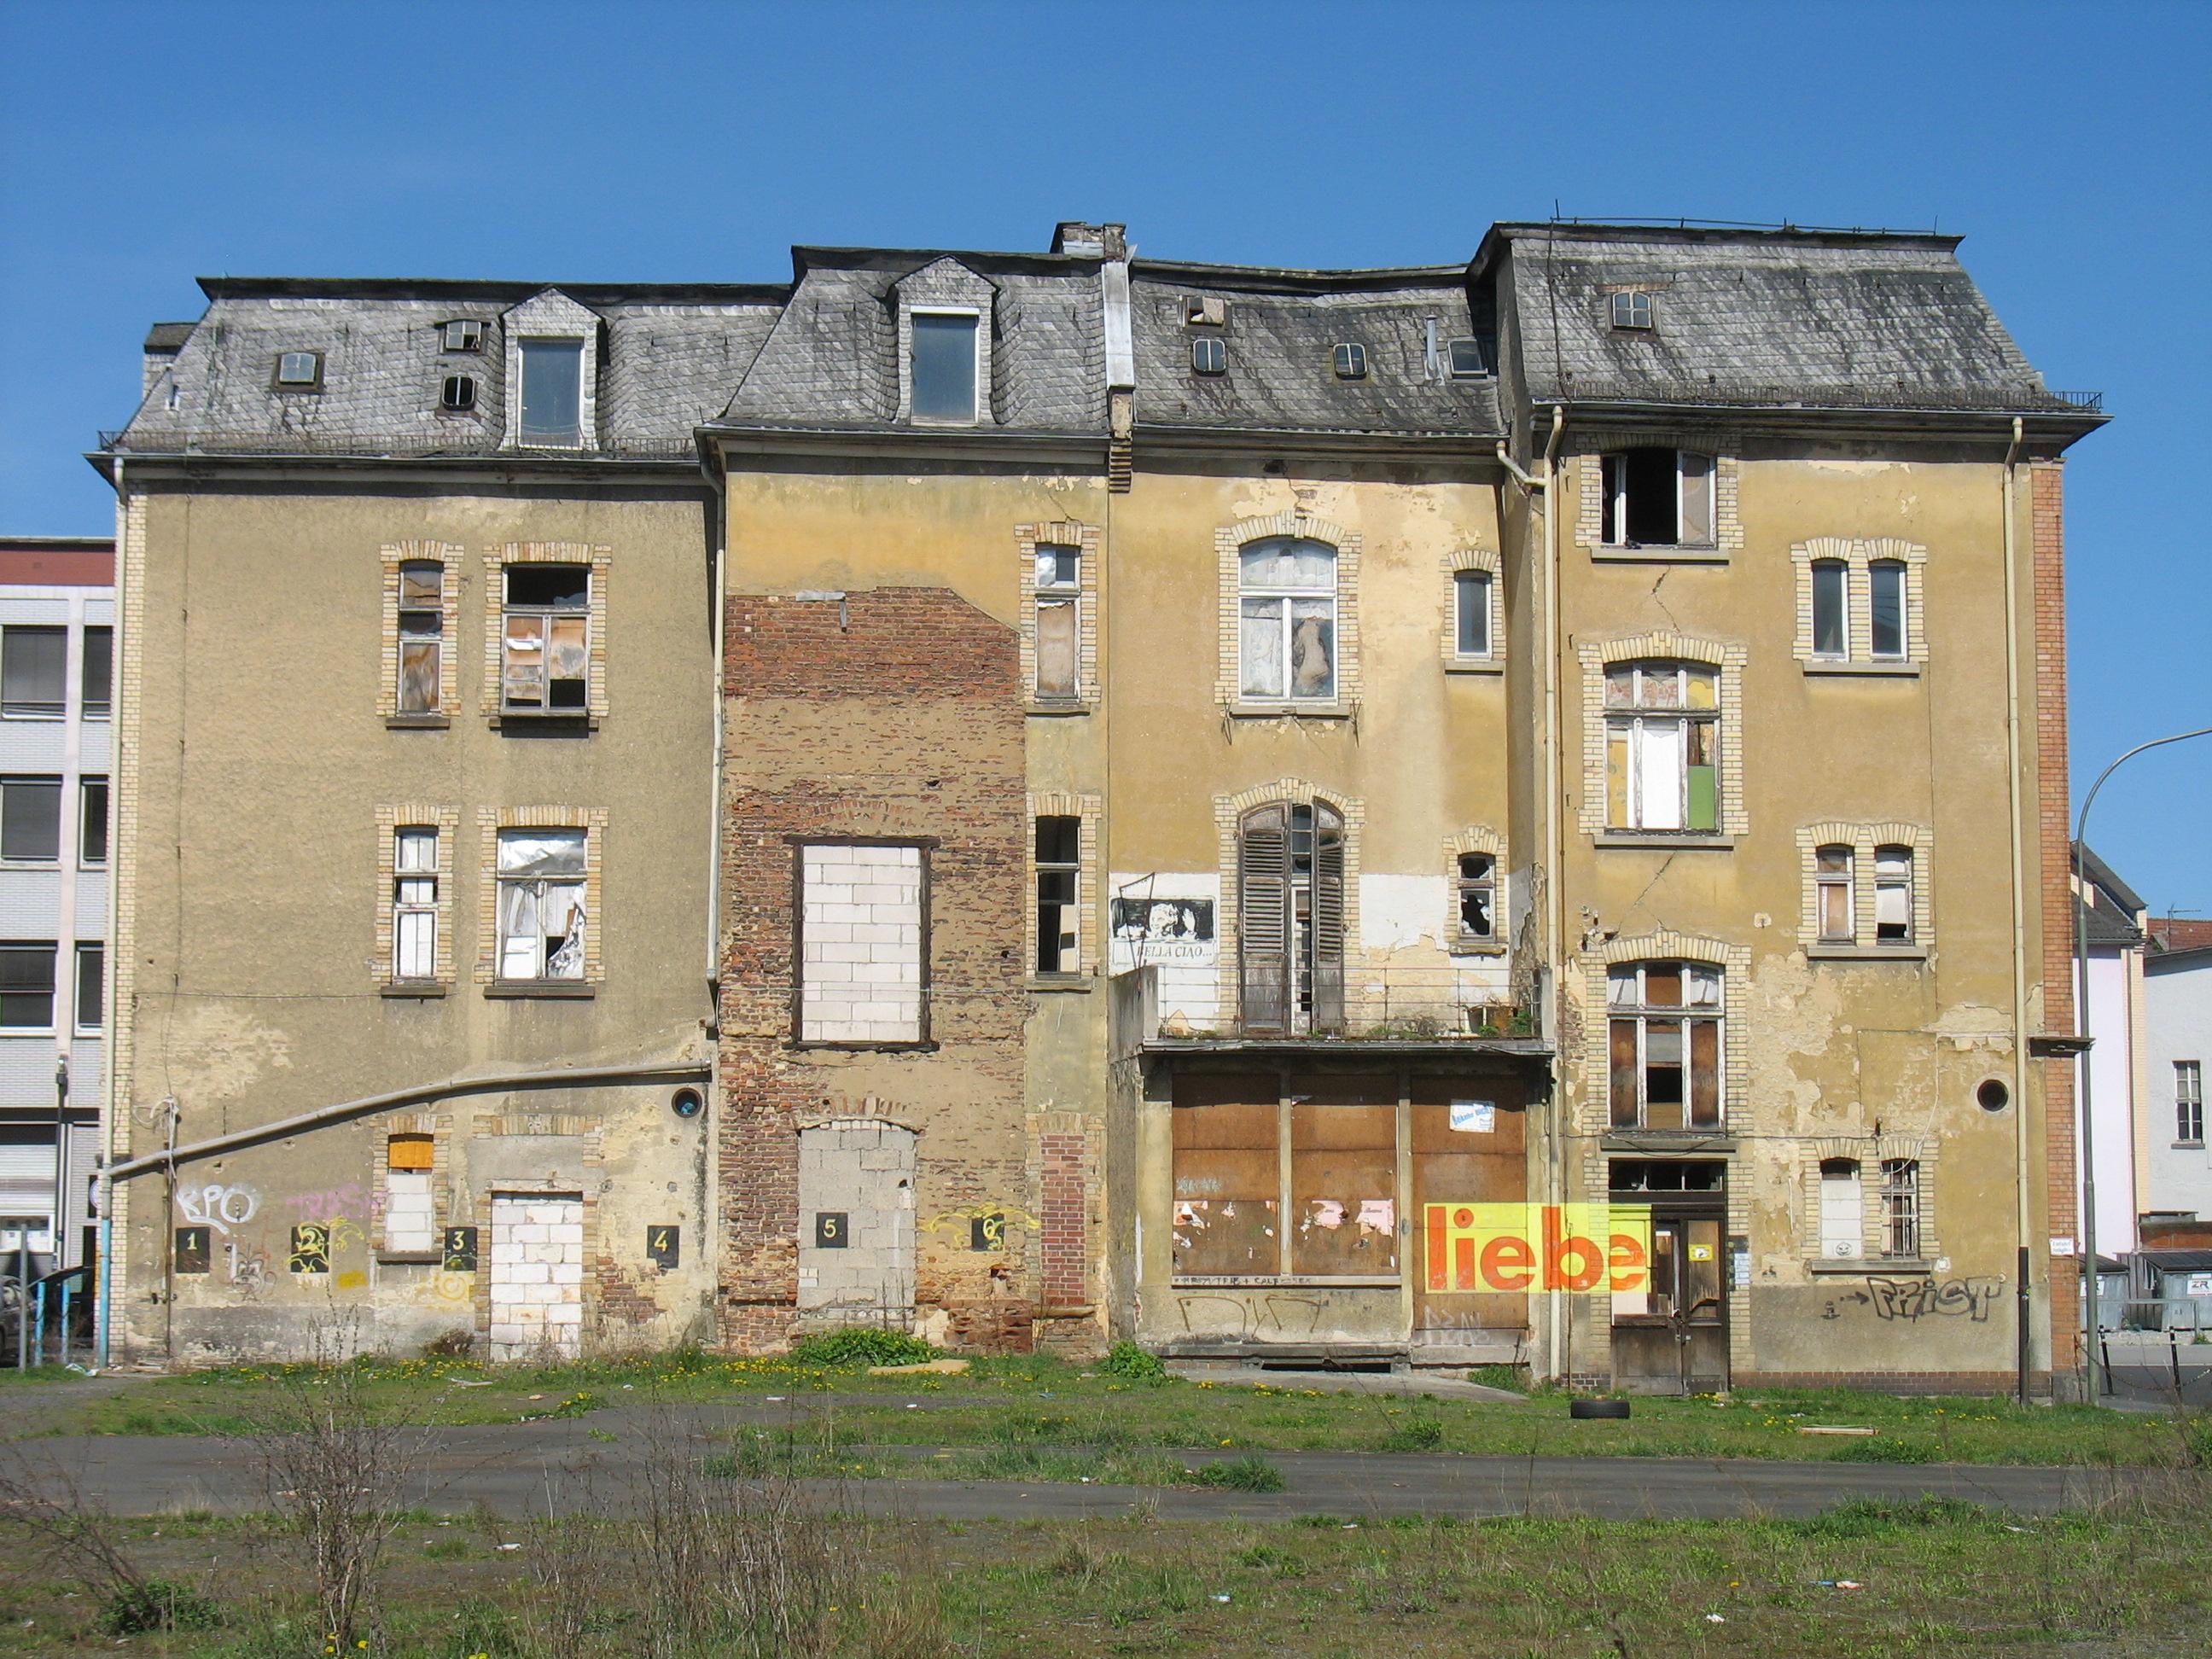 File Giessen Haus Samen Hahn01 2011 04 09 Jpg Wikimedia Commons